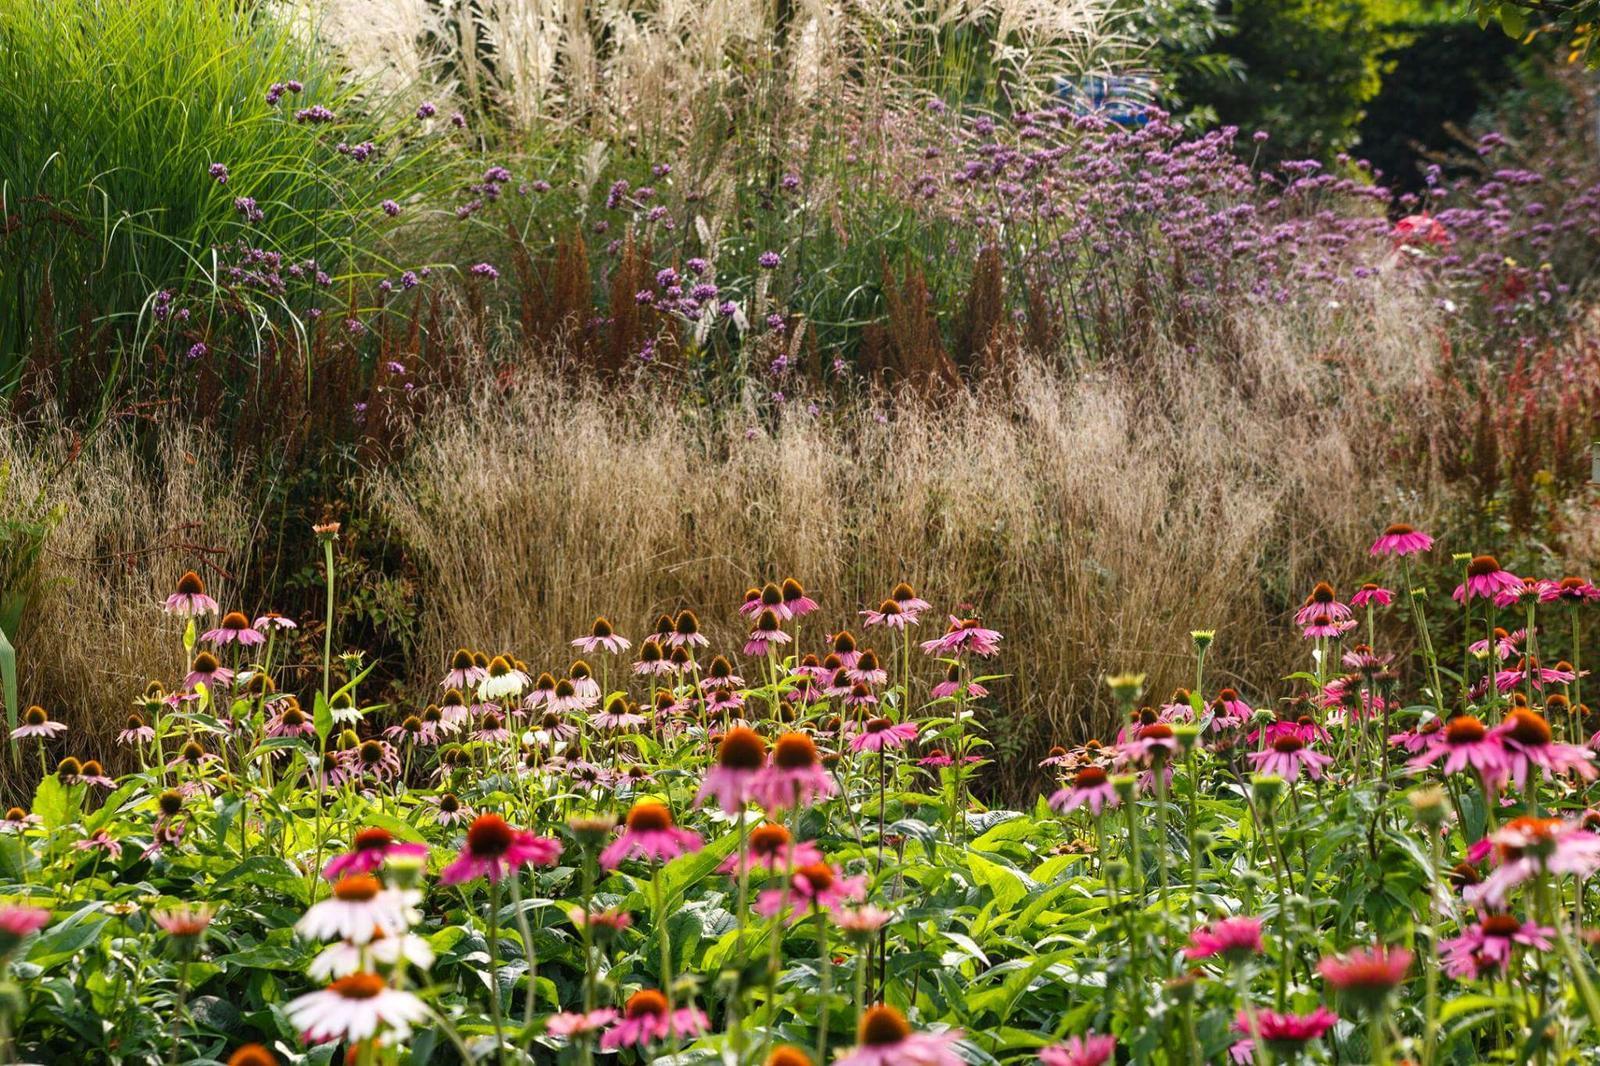 Zahrada - inspirace - třapatky a třapatovky, vzadu fialová vysoká kytka sporýš argentinský (Verbena bonariensis), letnička, ale dokáže se udržet samovýsevem